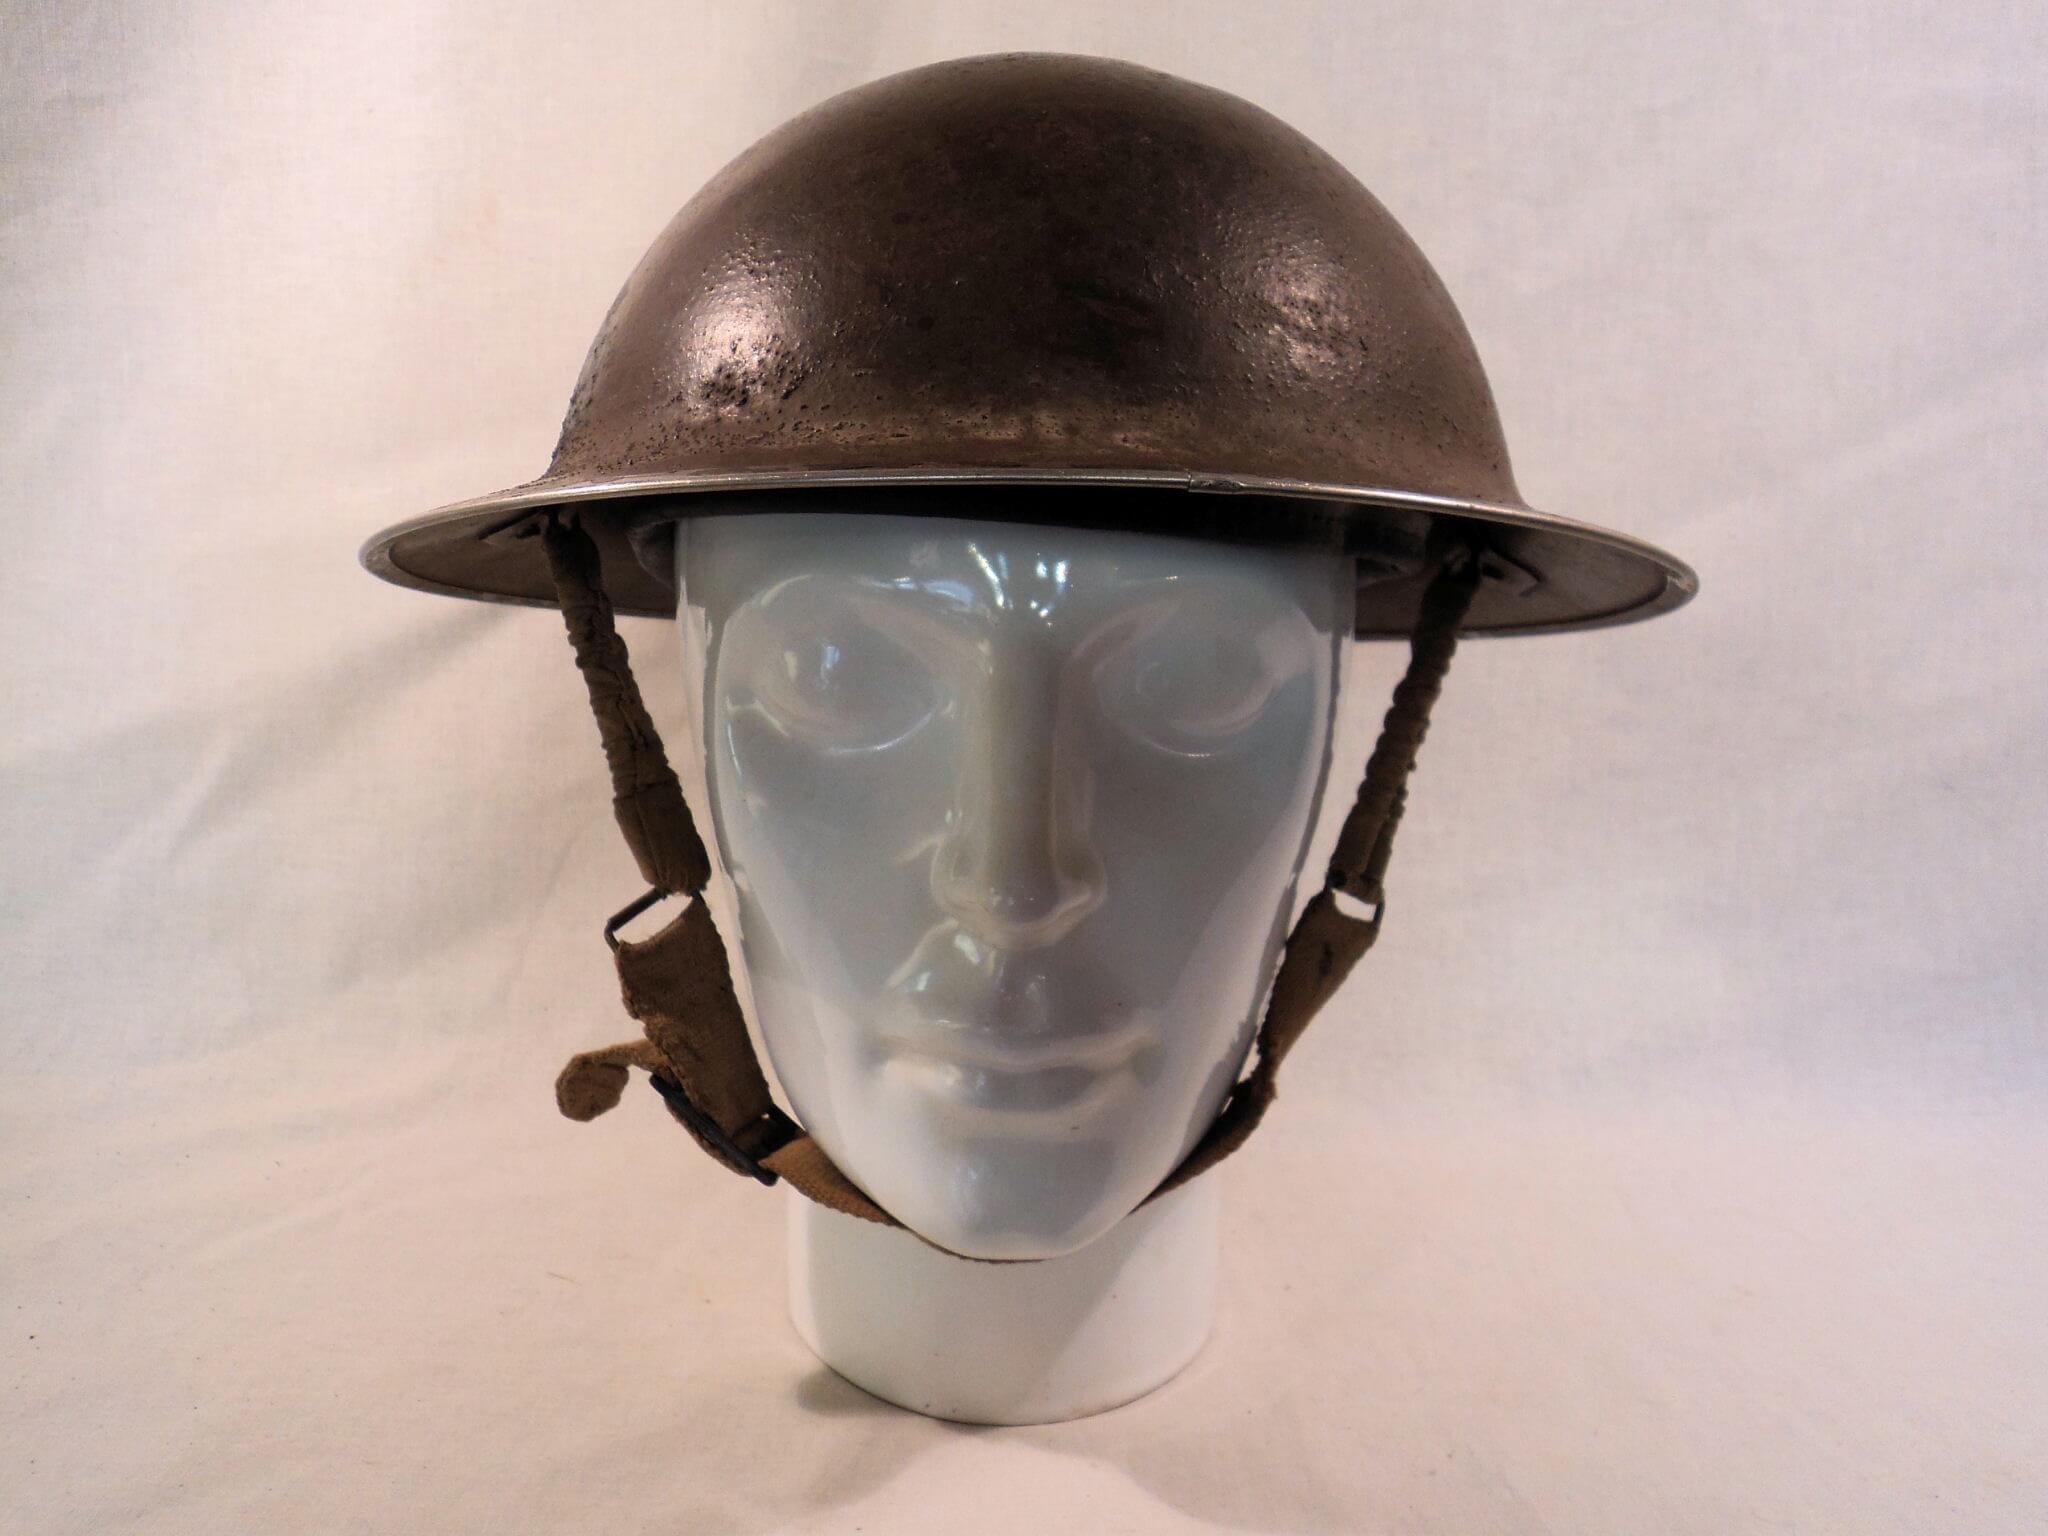 Engelse helm uit de tweede wereldoorlog uit 1941